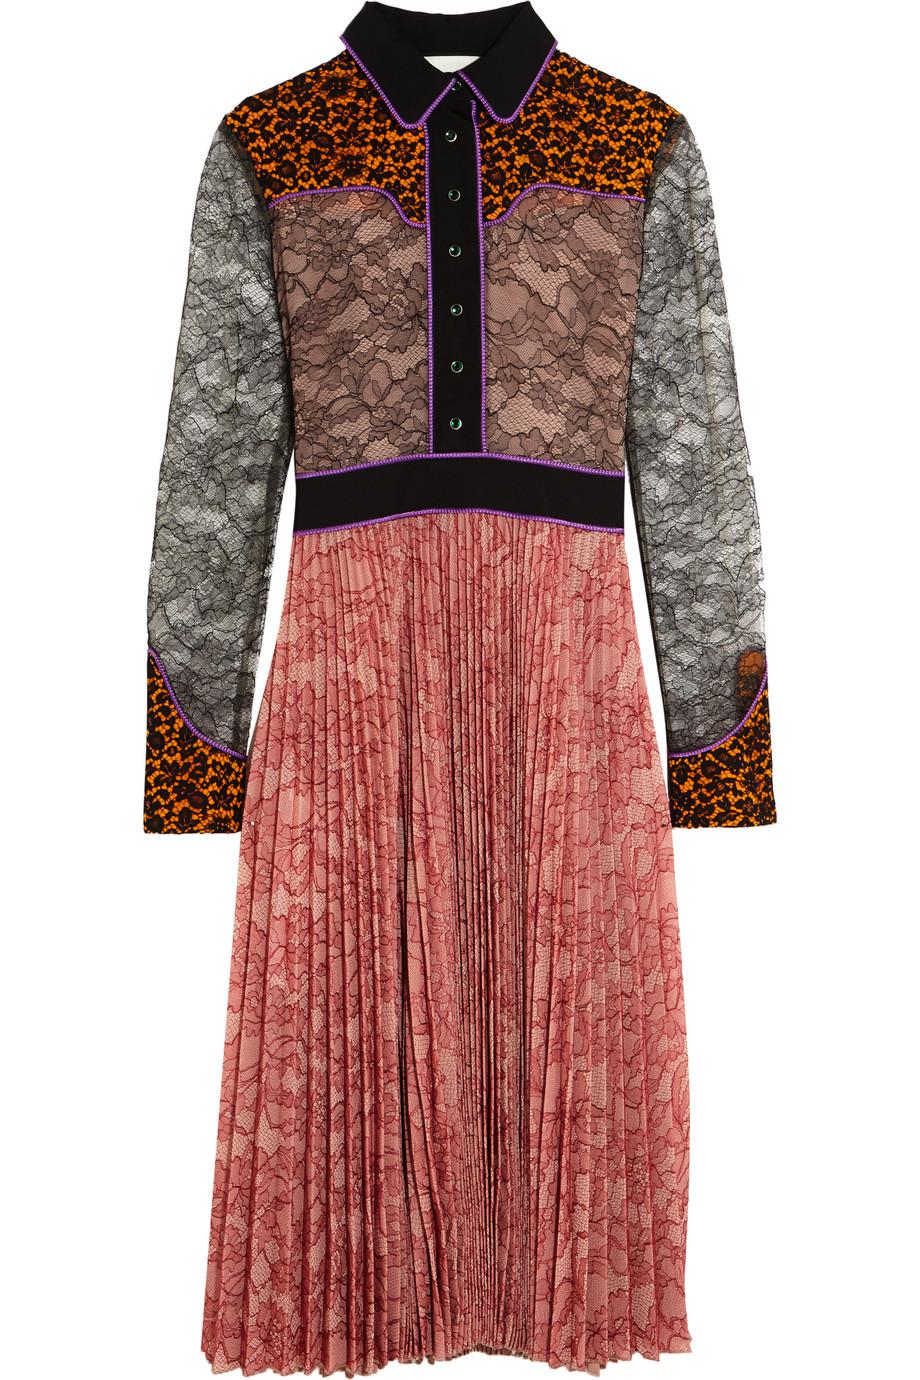 Gucci Lace and Plissé-Georgette Dress, Pink, Women's, Size: 38